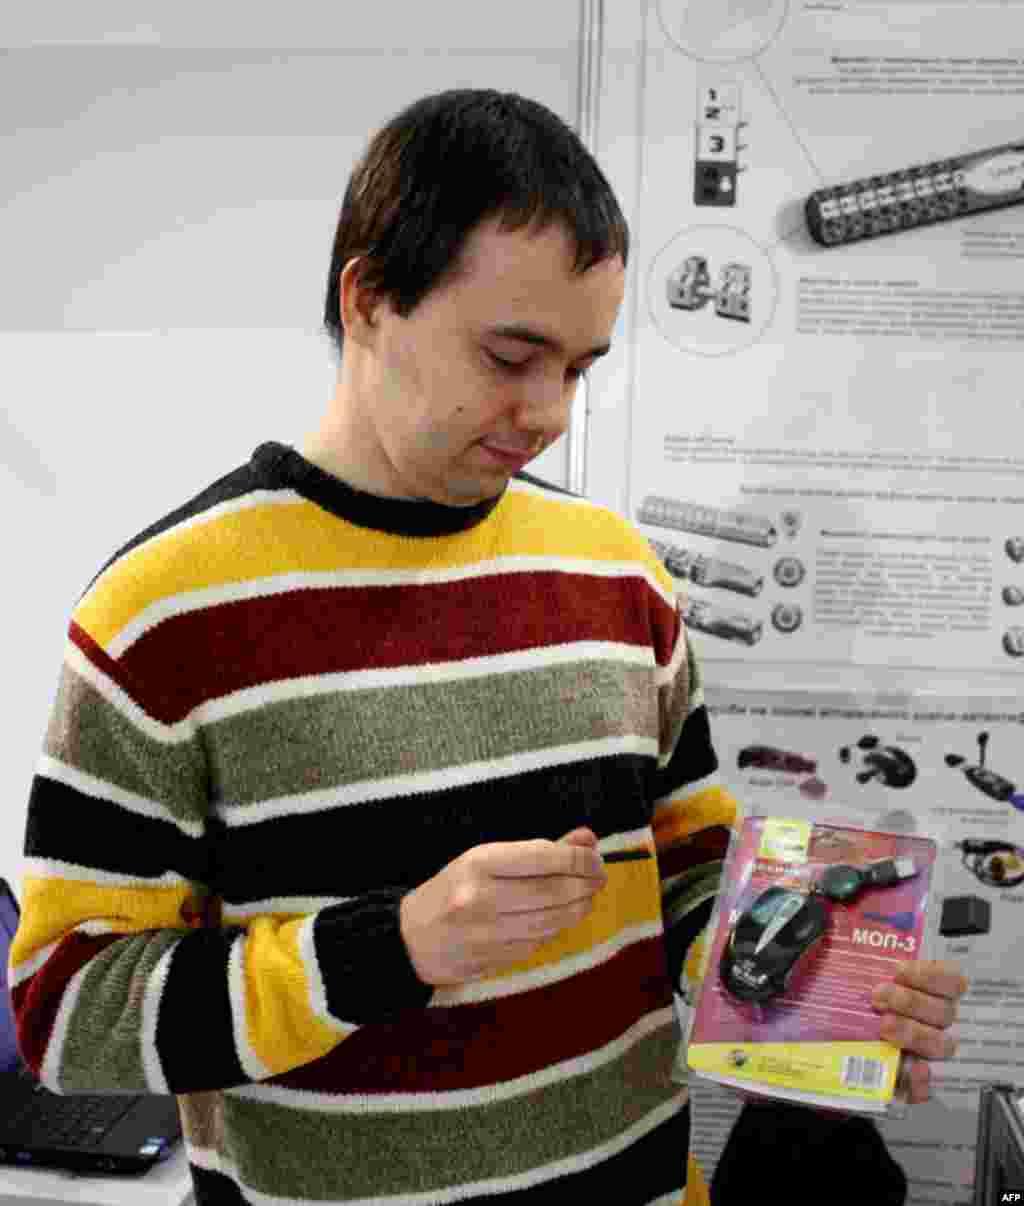 Спеціальна компютерна мишка з ключем, який зчитує та зберігає складний пароль та обмежує доступ до комп'ютерних ресурсів.